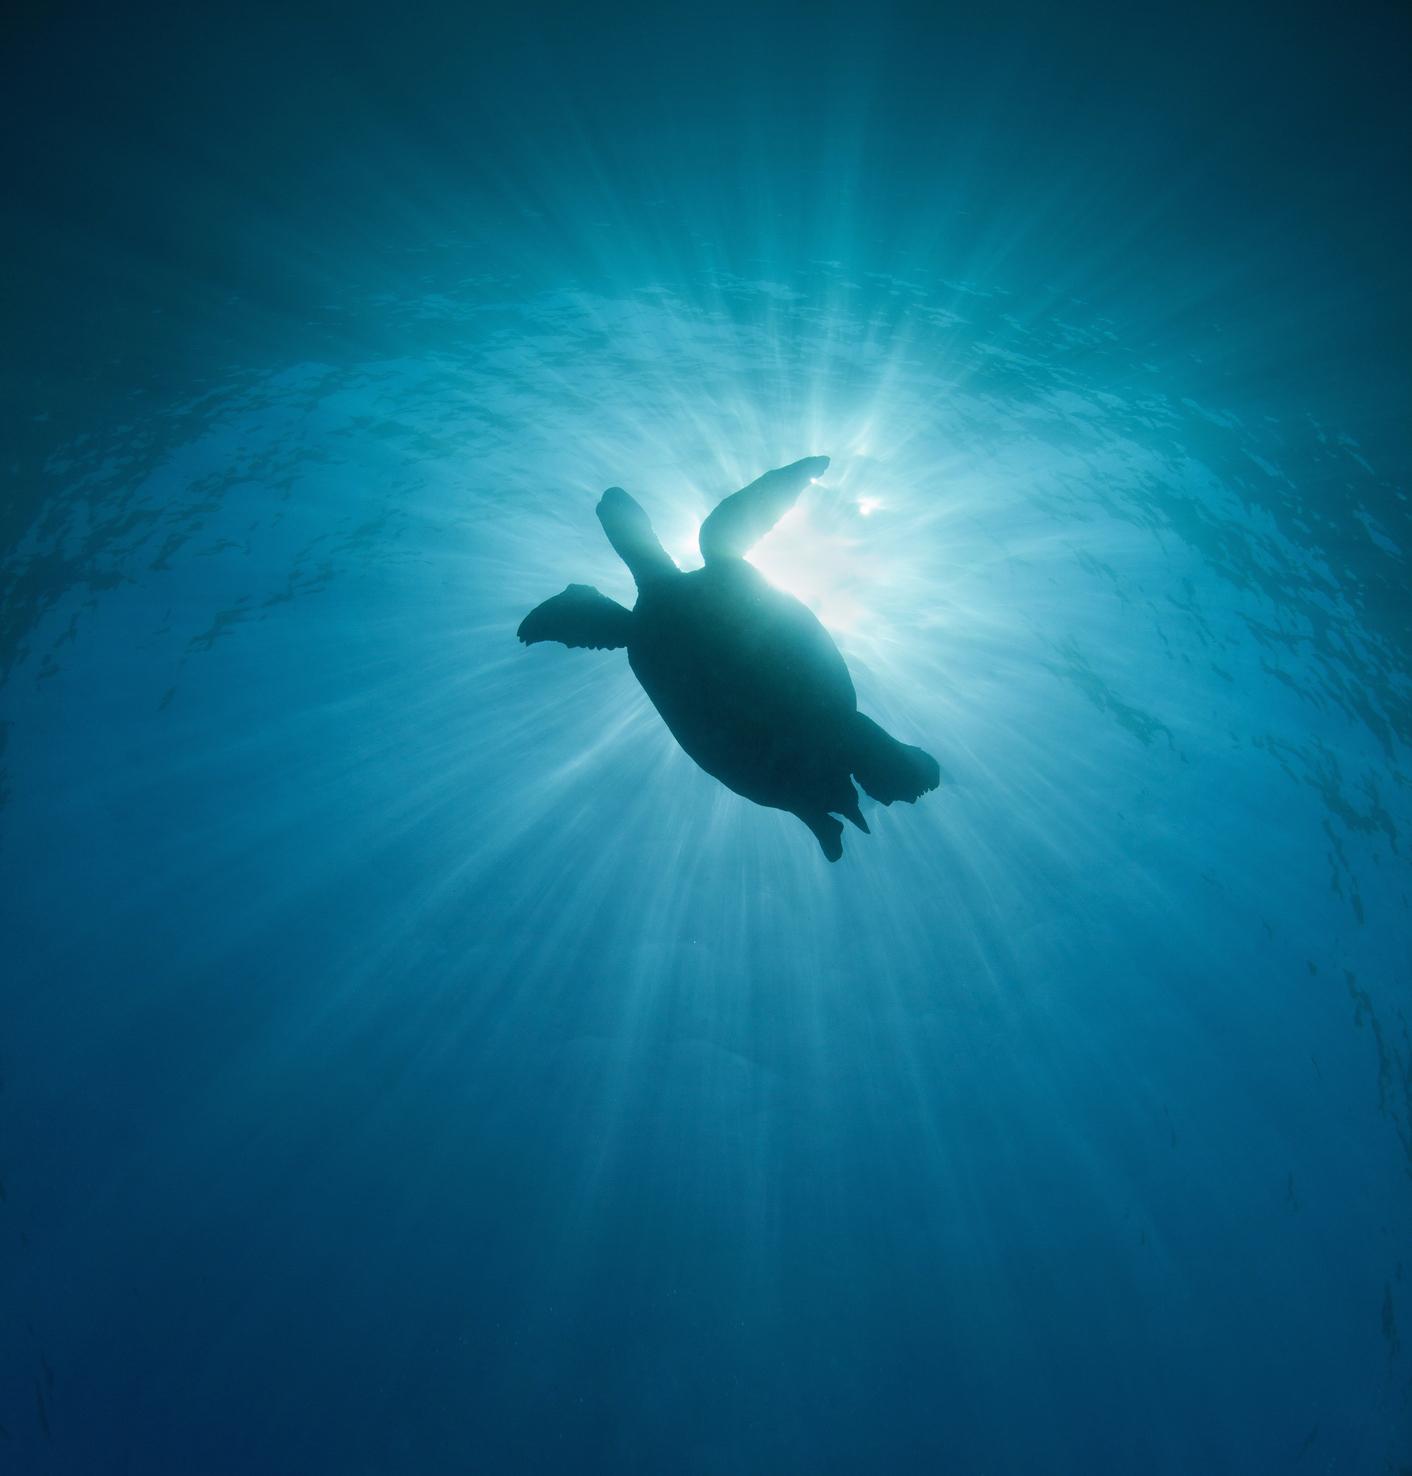 sunlight sea